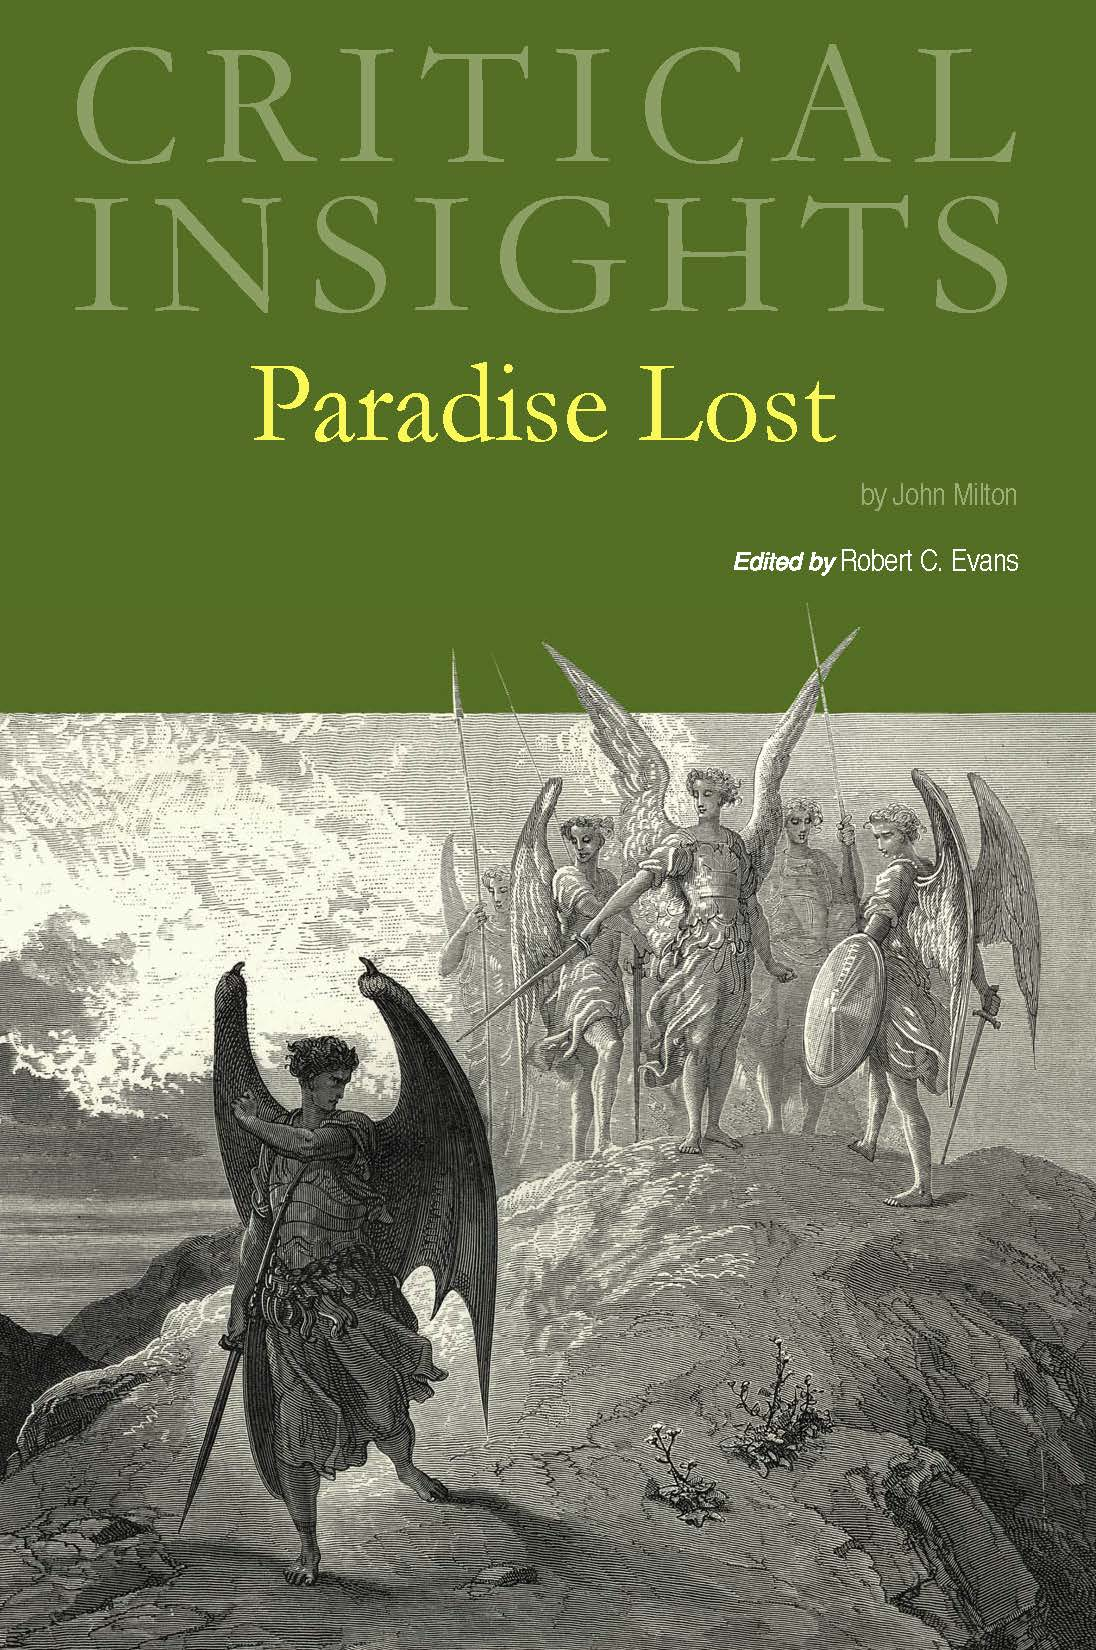 https://0201.nccdn.net/1_2/000/000/14a/921/ci-paradise-lost-cover-5-oct-21.jpg